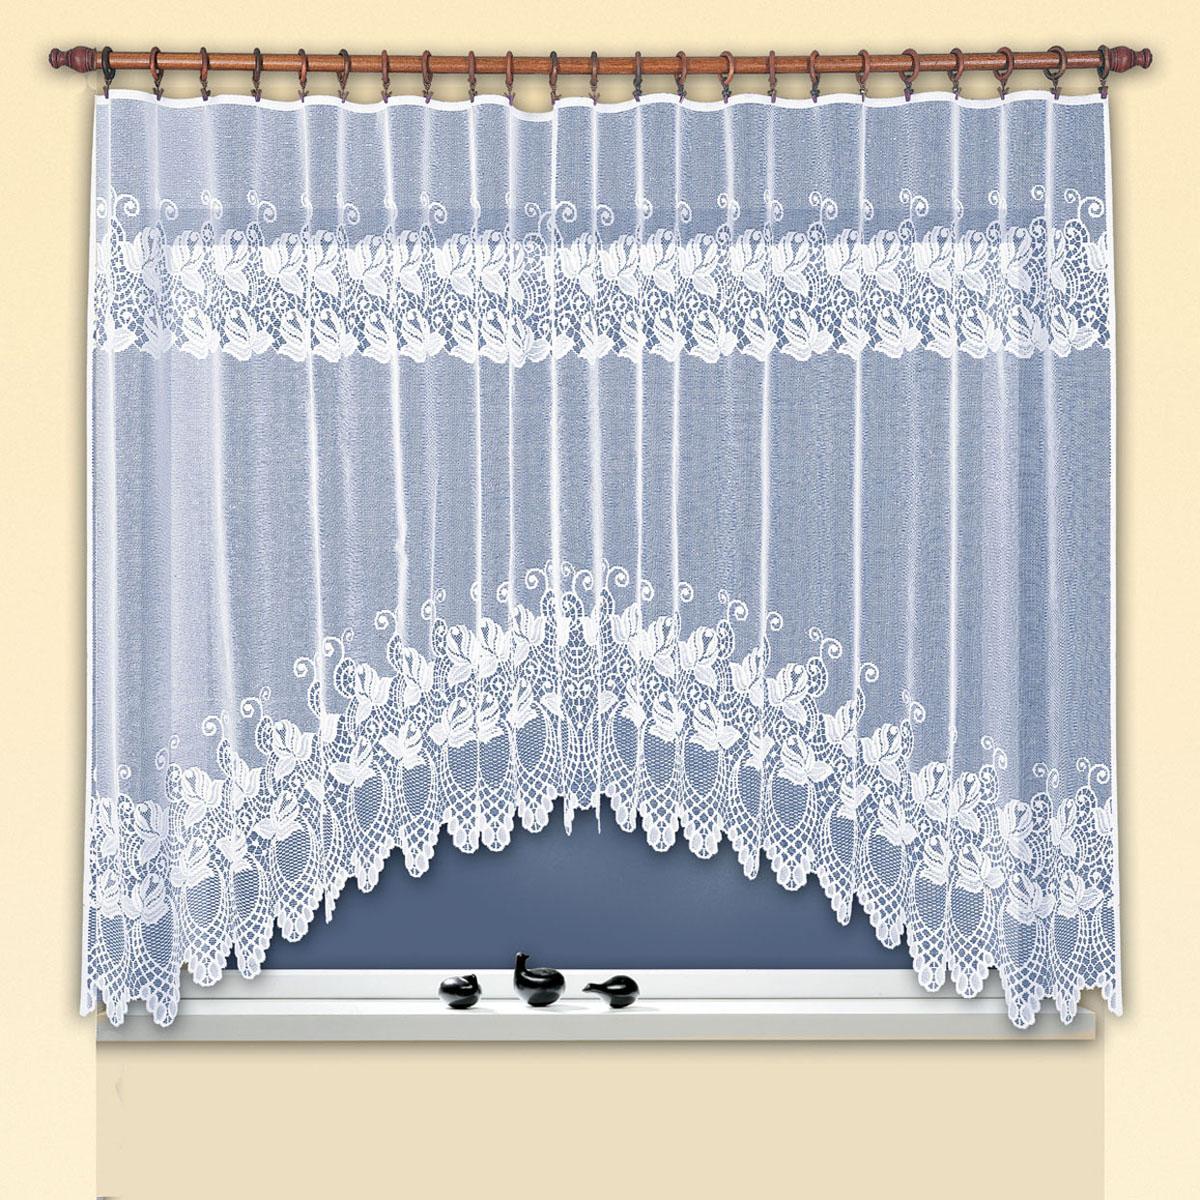 Гардина Haft, цвет: белый, ширина 300 см, высота 160 см. 38180/16038180/160Жаккардовая гардина-арка белого цвета для комплекта под балконный блок Размеры: высота 160см* ширина300см